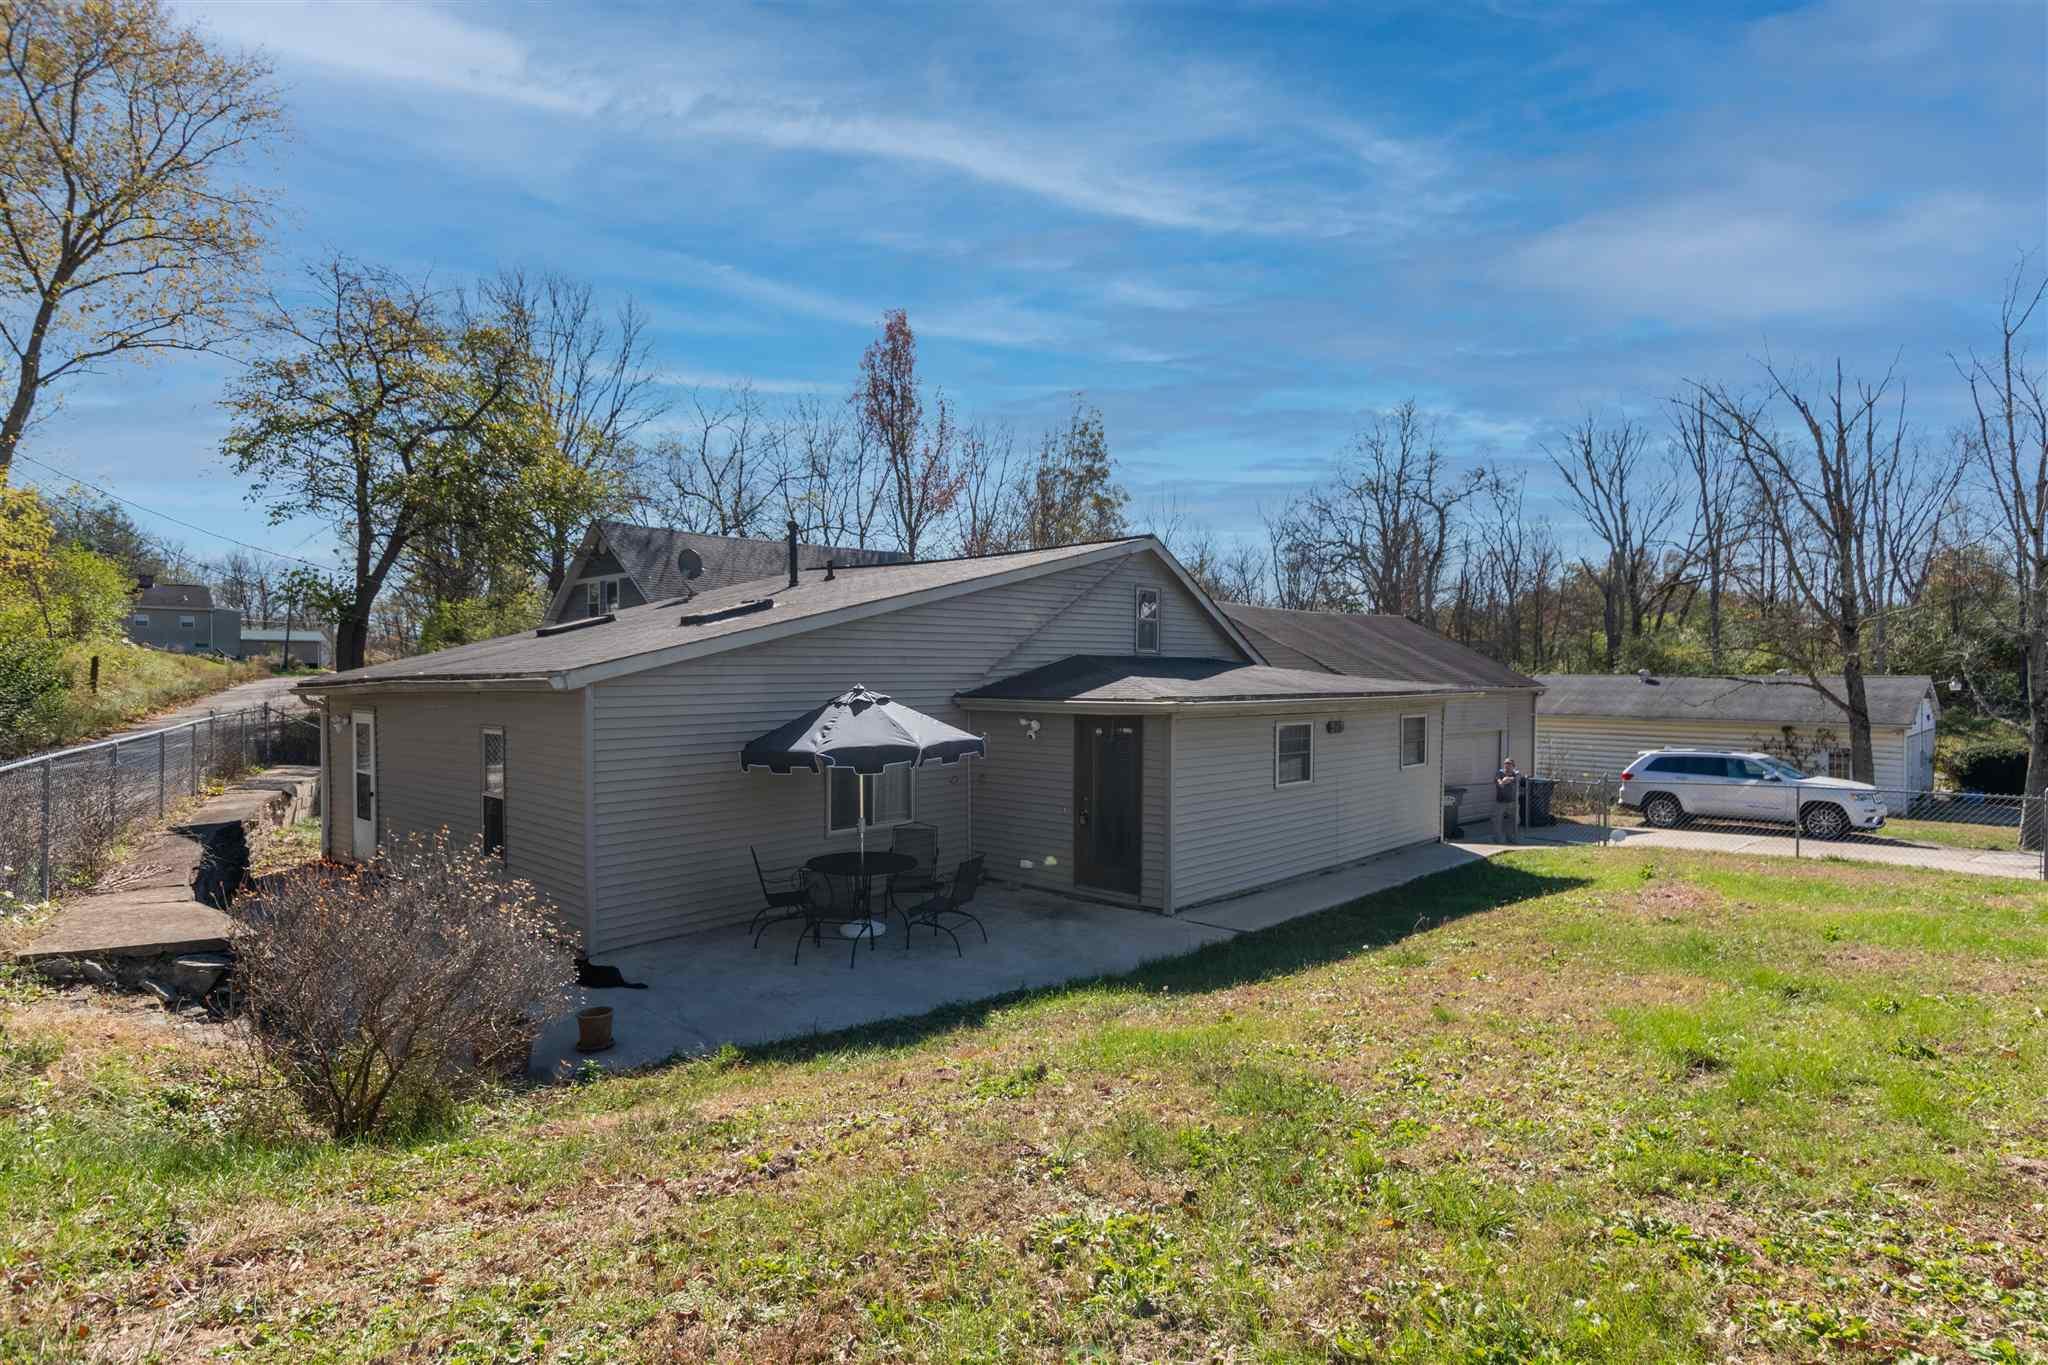 Photo 1 for 513 Cedar Road Covington, KY 41015